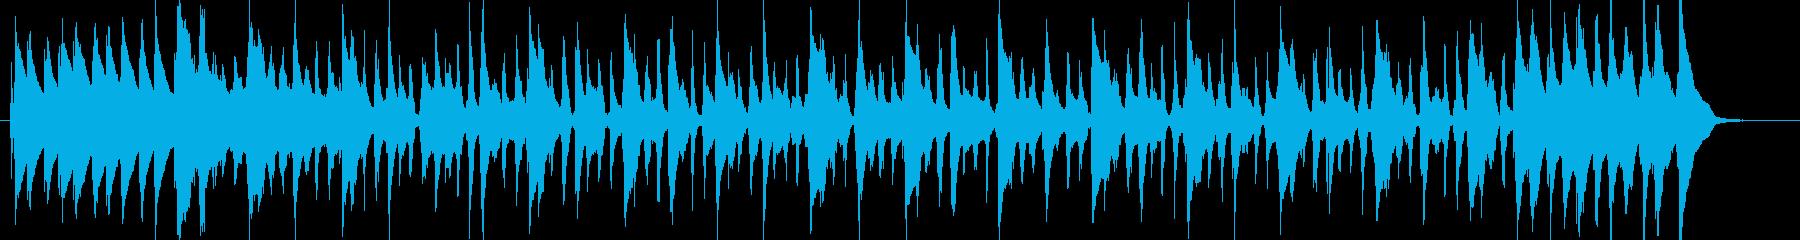 サンバ!Samba3 サンバカーニバル!の再生済みの波形